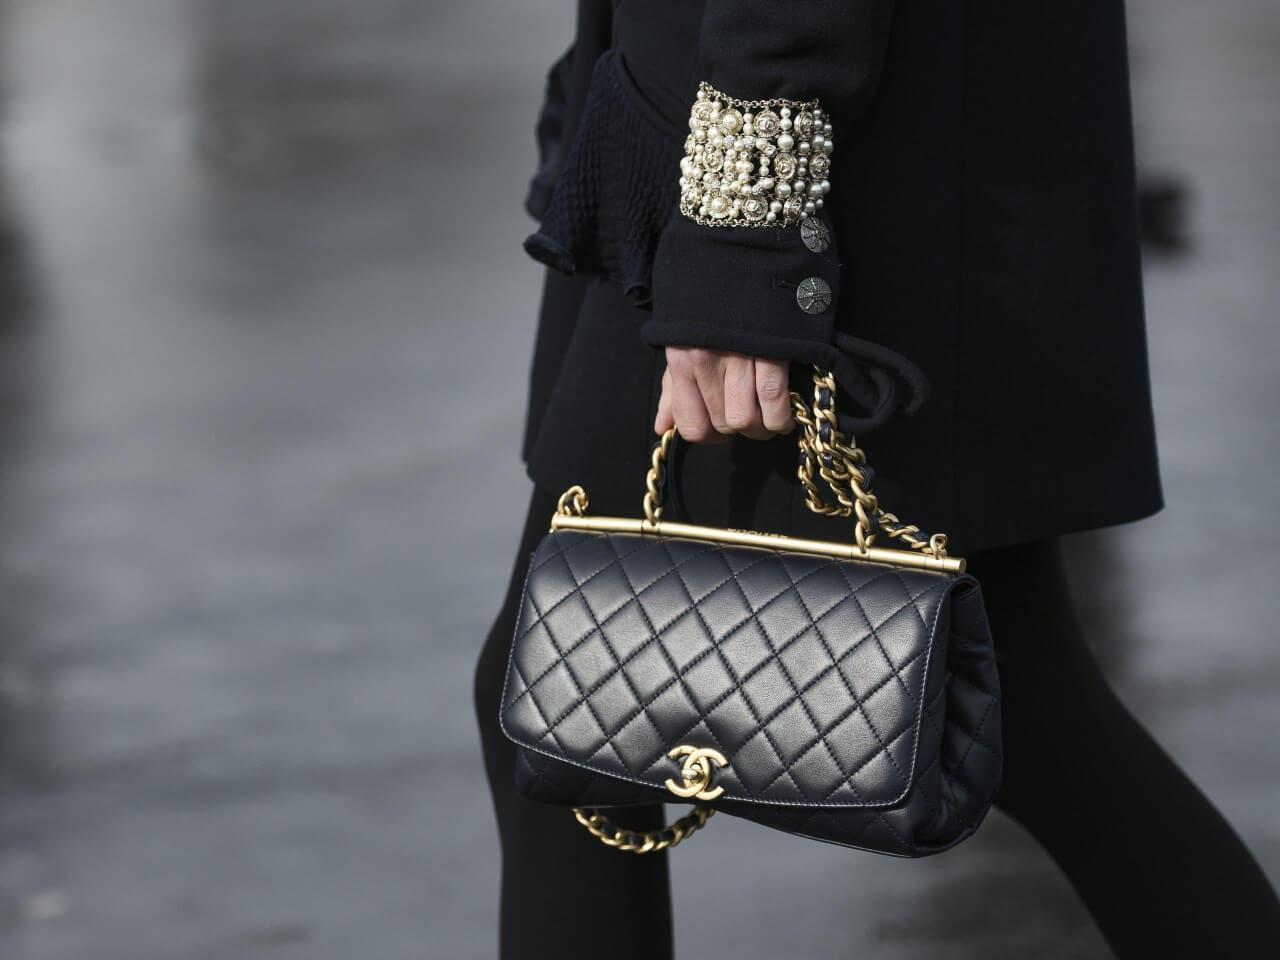 Come riconoscere una borsa Chanel autentica da un'imitazione